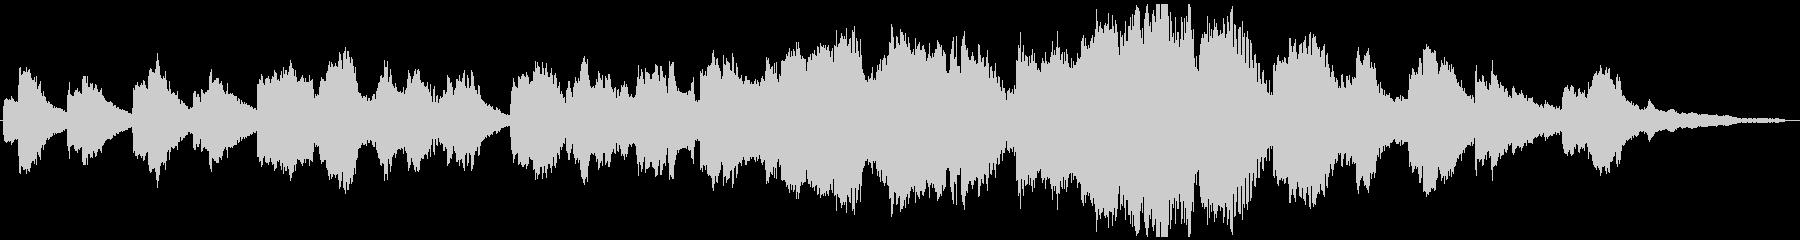 生演奏フルートがしっとり静かに歌うBGMの未再生の波形